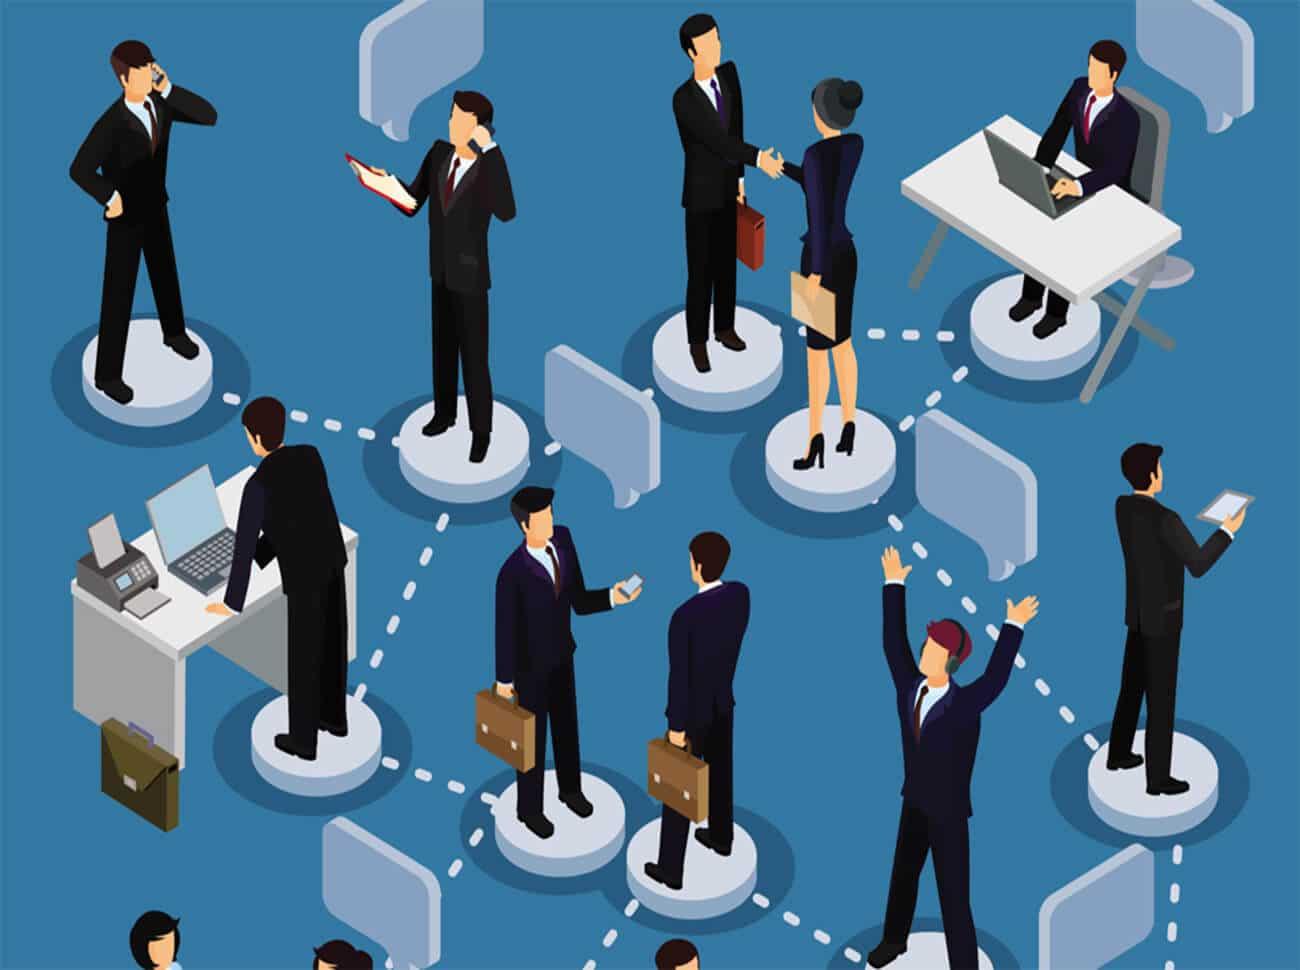 İyi-İletişim-Kurmak-İçin-Hangi-İfadeleri-Kullanmalıyız